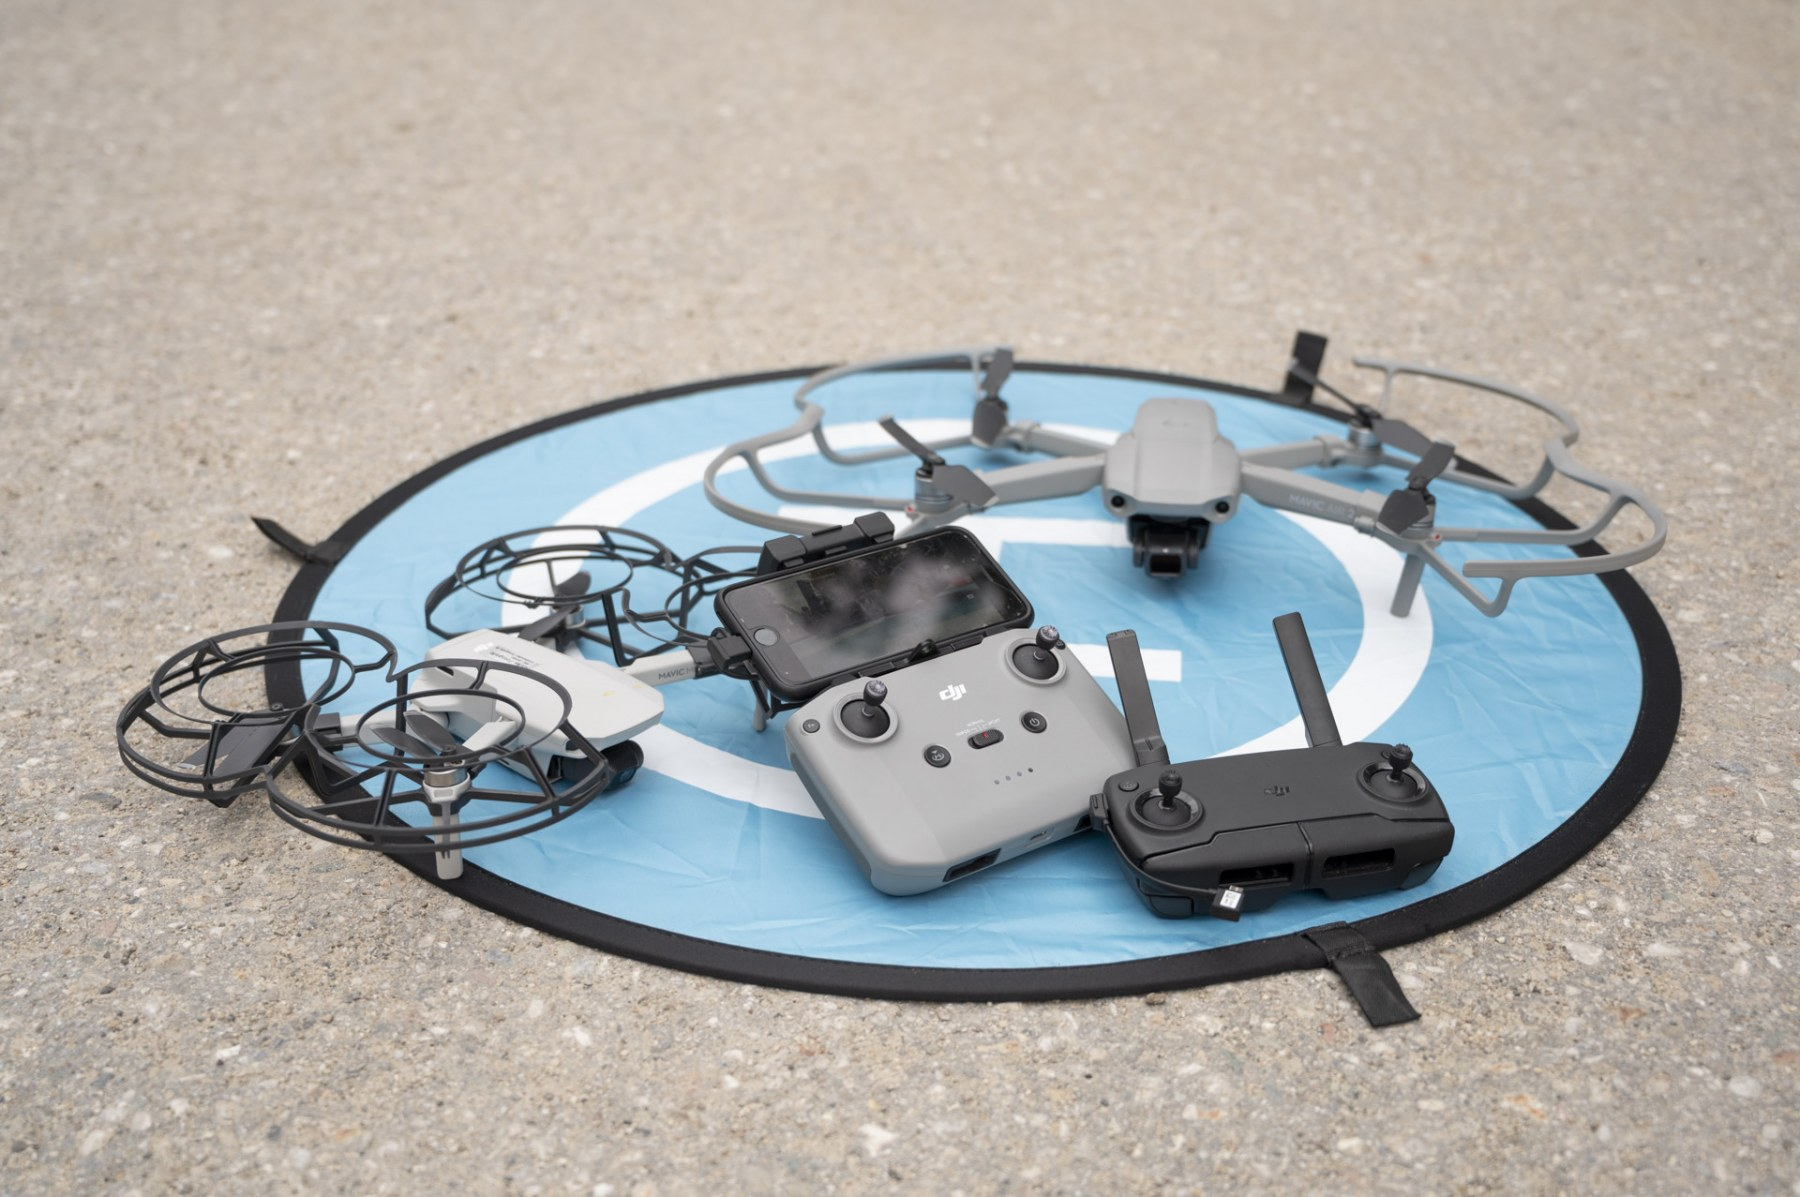 Drohne_Traunstein_Stadler_Fotografie_Luftaufnahme_Drohnen010